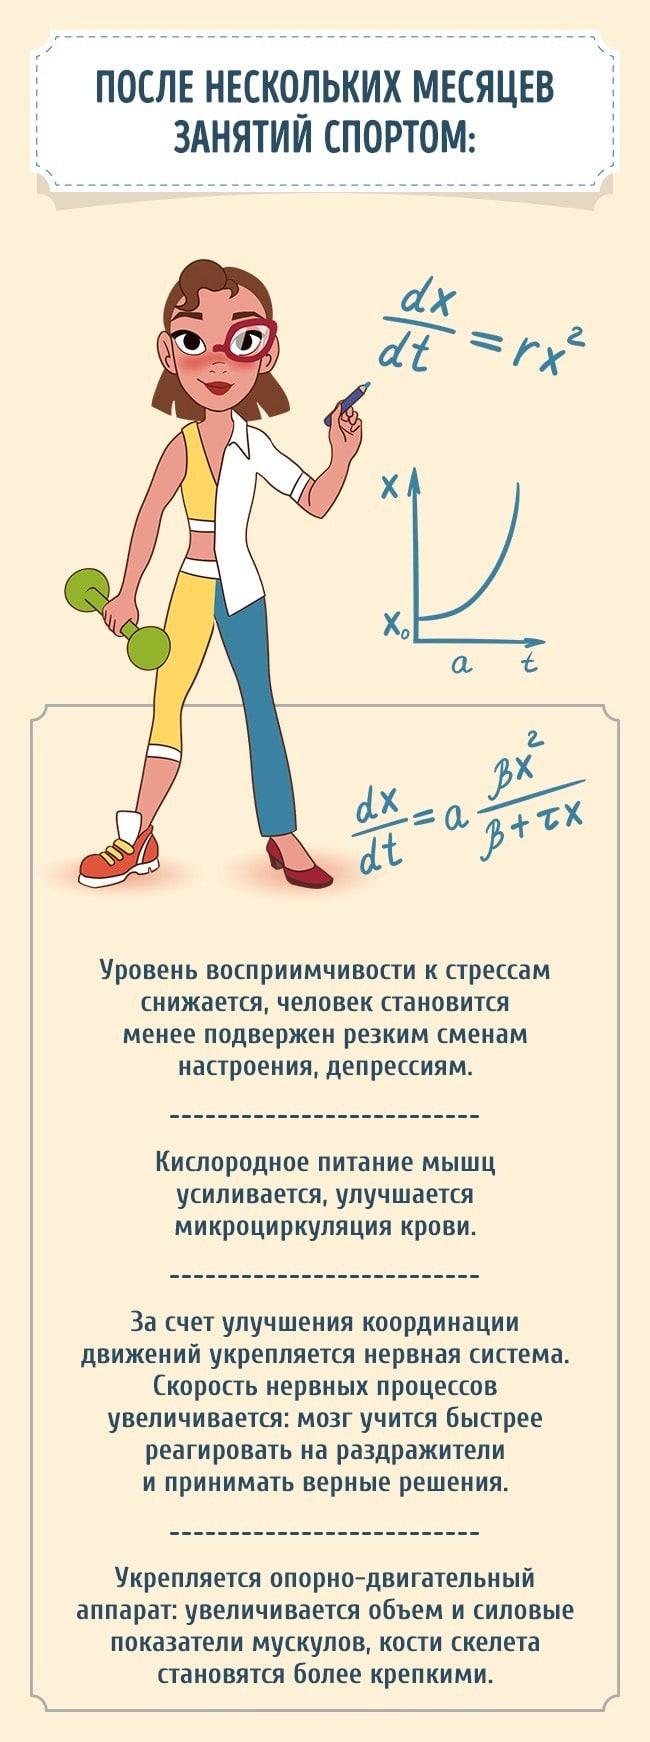 zanimatsya-sportom-30-minut-v-den-5